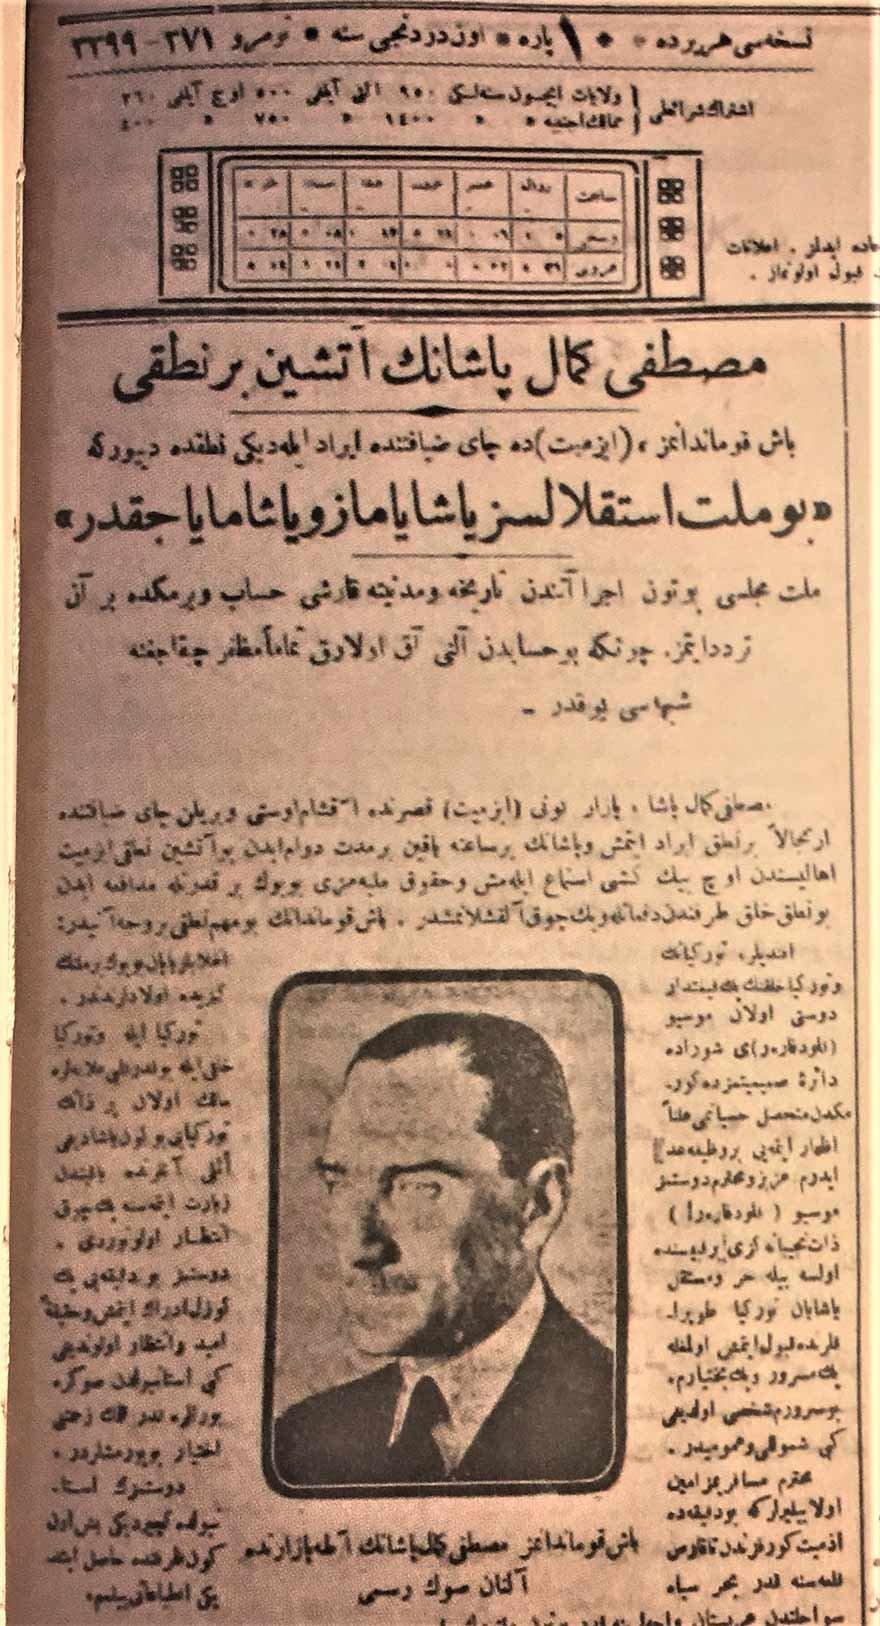 """Atatürk Milli Mücadele yıllarında sıkça 'bağımsızlıktan' söz ediyordu. Örneğin, bu gazete haberinde Atatürk'ün bir nutkunda, """"Bu millet istiklalsiz yaşayamaz ve yaşamayacaktır"""" dediği aktarılıyor."""